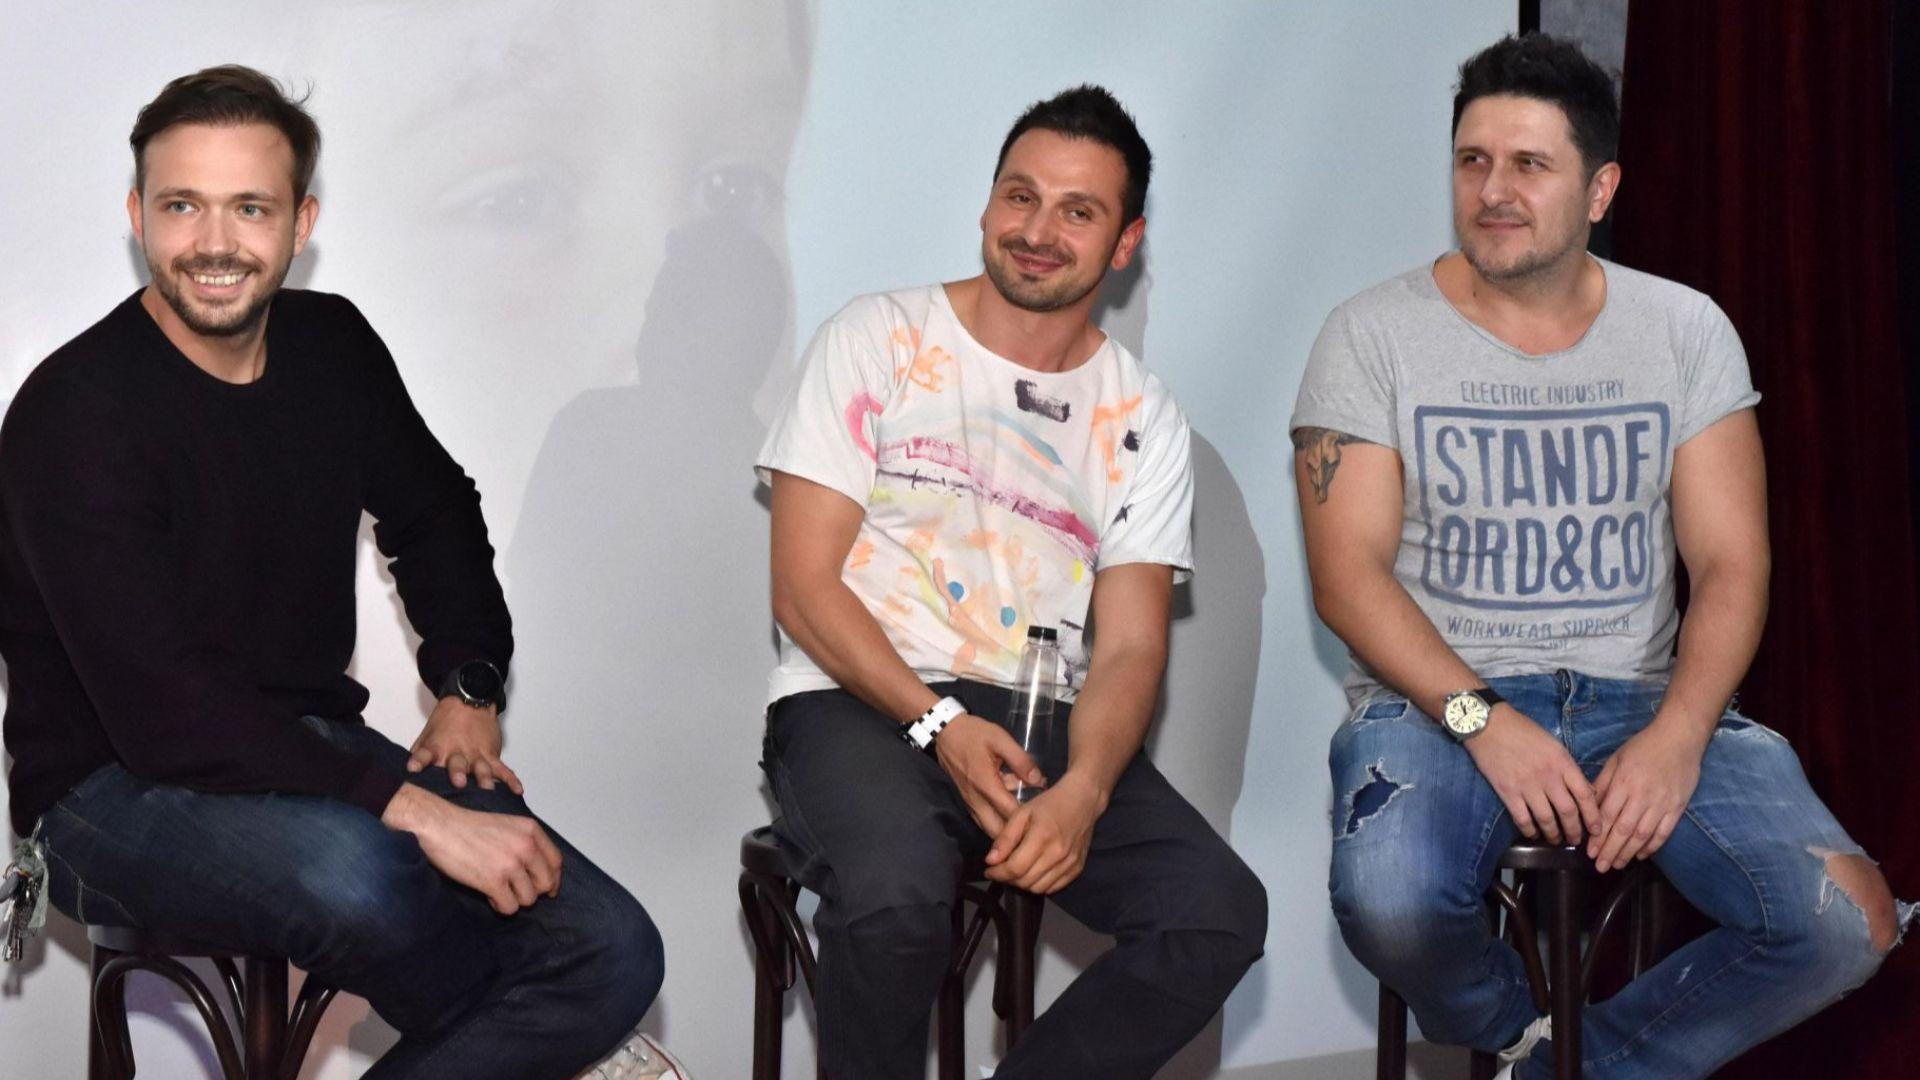 Асен Блатечки, Александър Алексиев и Александър Сано в откровен разговор за бащинството